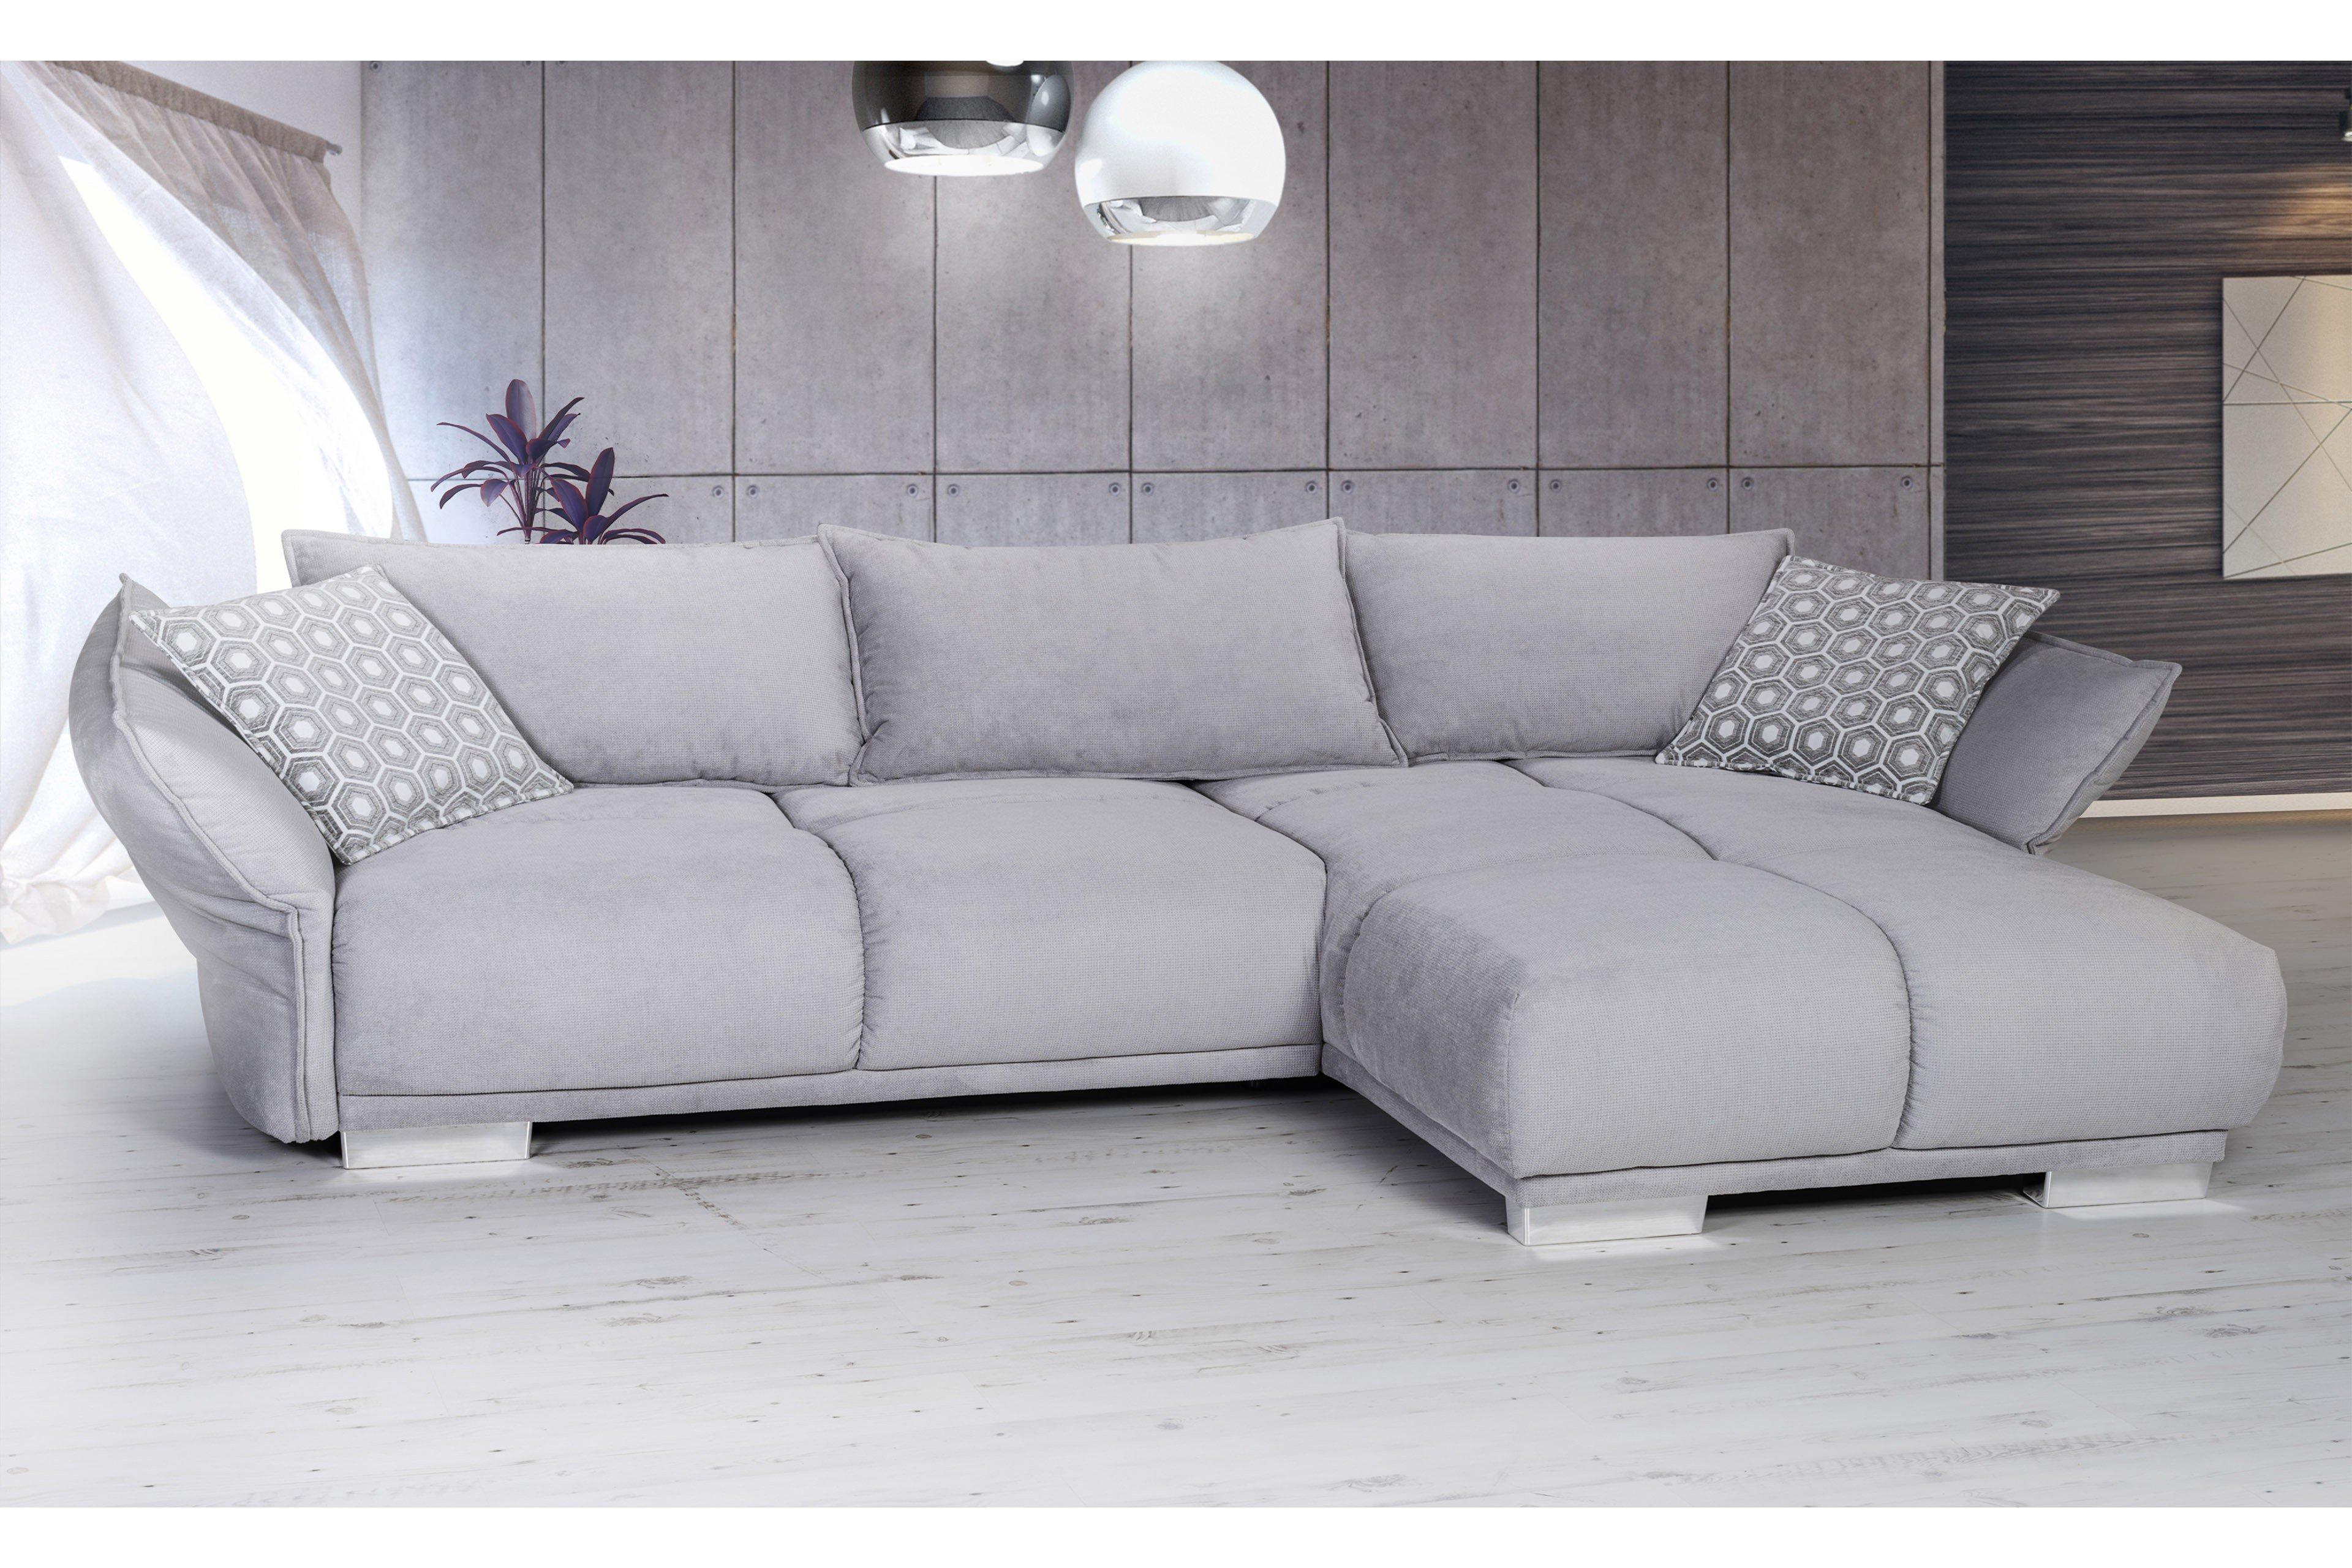 Entzückend Sofaecke Grau Sammlung Von Gianova De Luxe Von Nova Via -